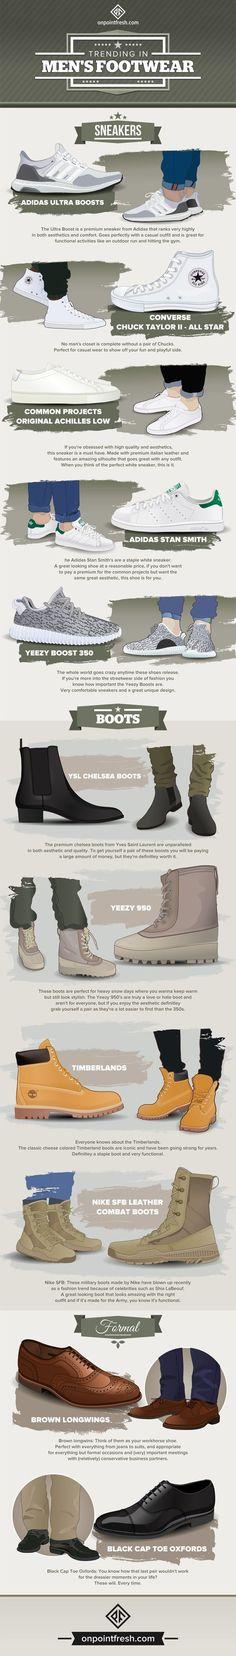 trending men's footwear